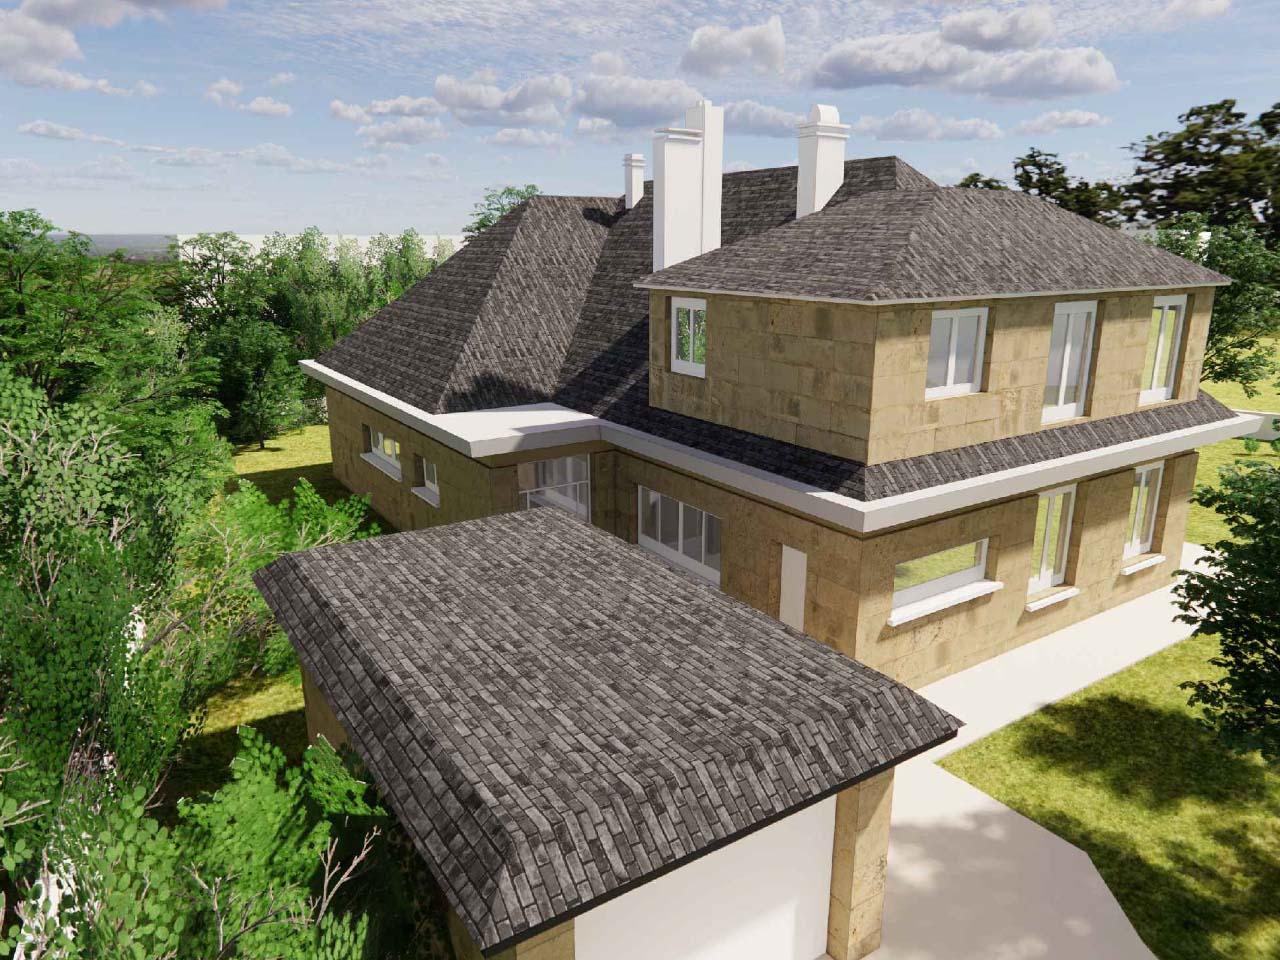 House in Île-de-France